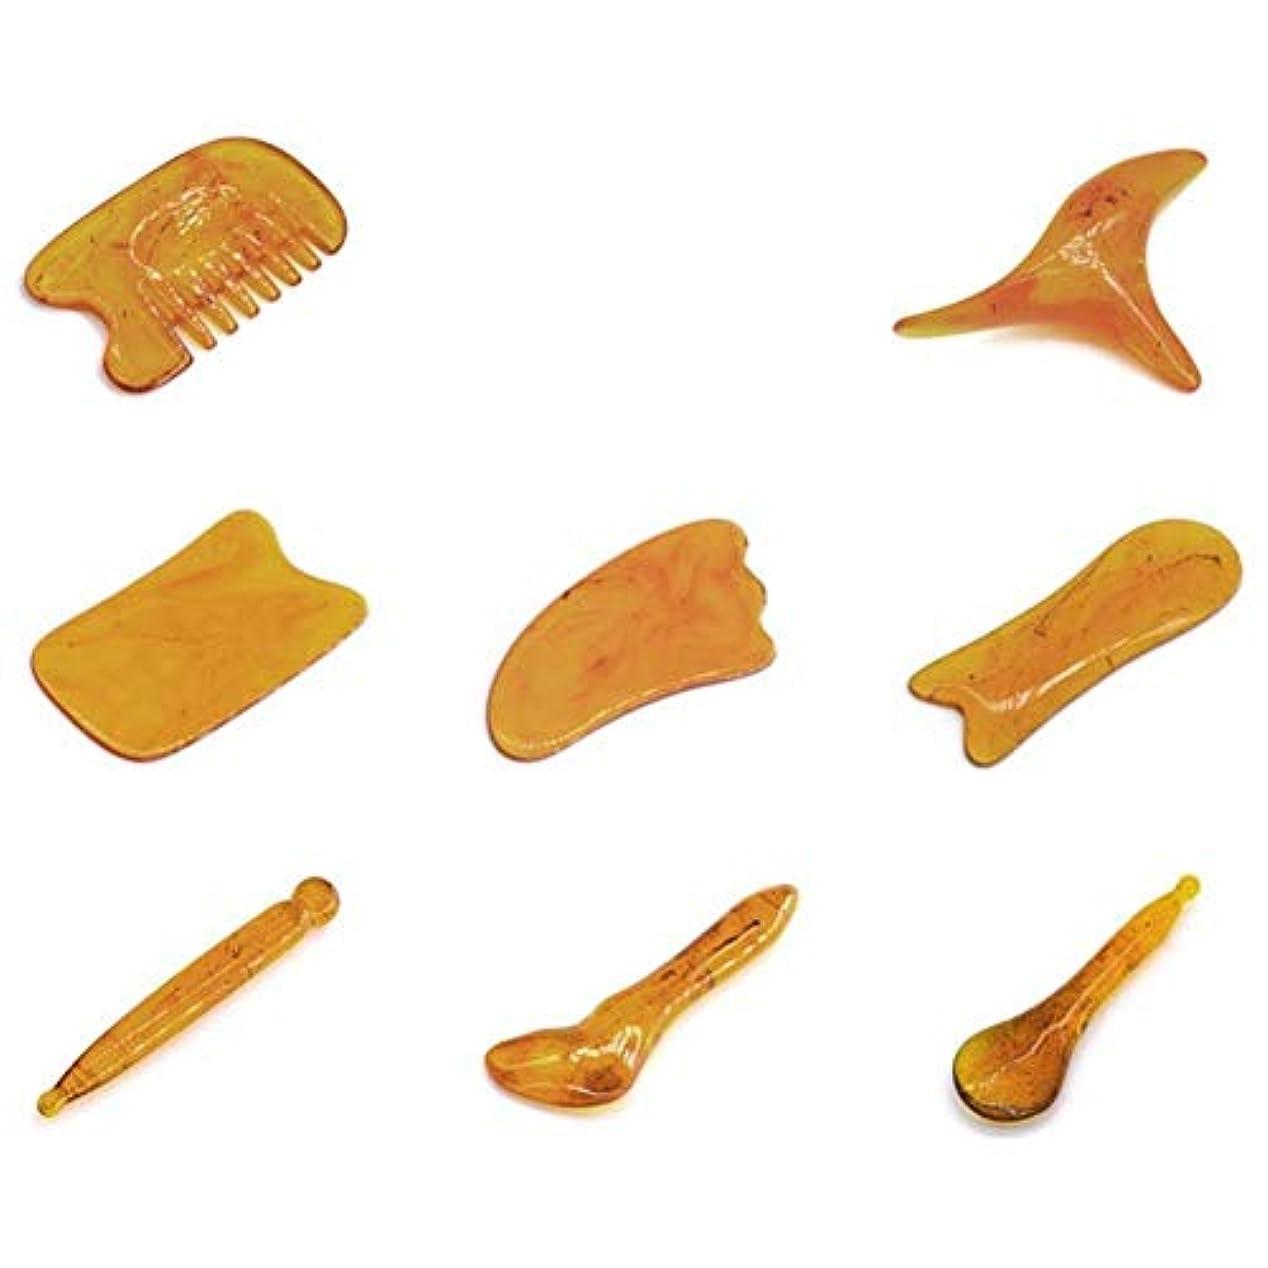 繊維成果四分円Gua Shaのこするマッサージ用具のハンドメイドのヒスイGuasha板、用具SPAの刺鍼術療法の表面腕のフィートの小さい三角形の形の引き金のポイント処置